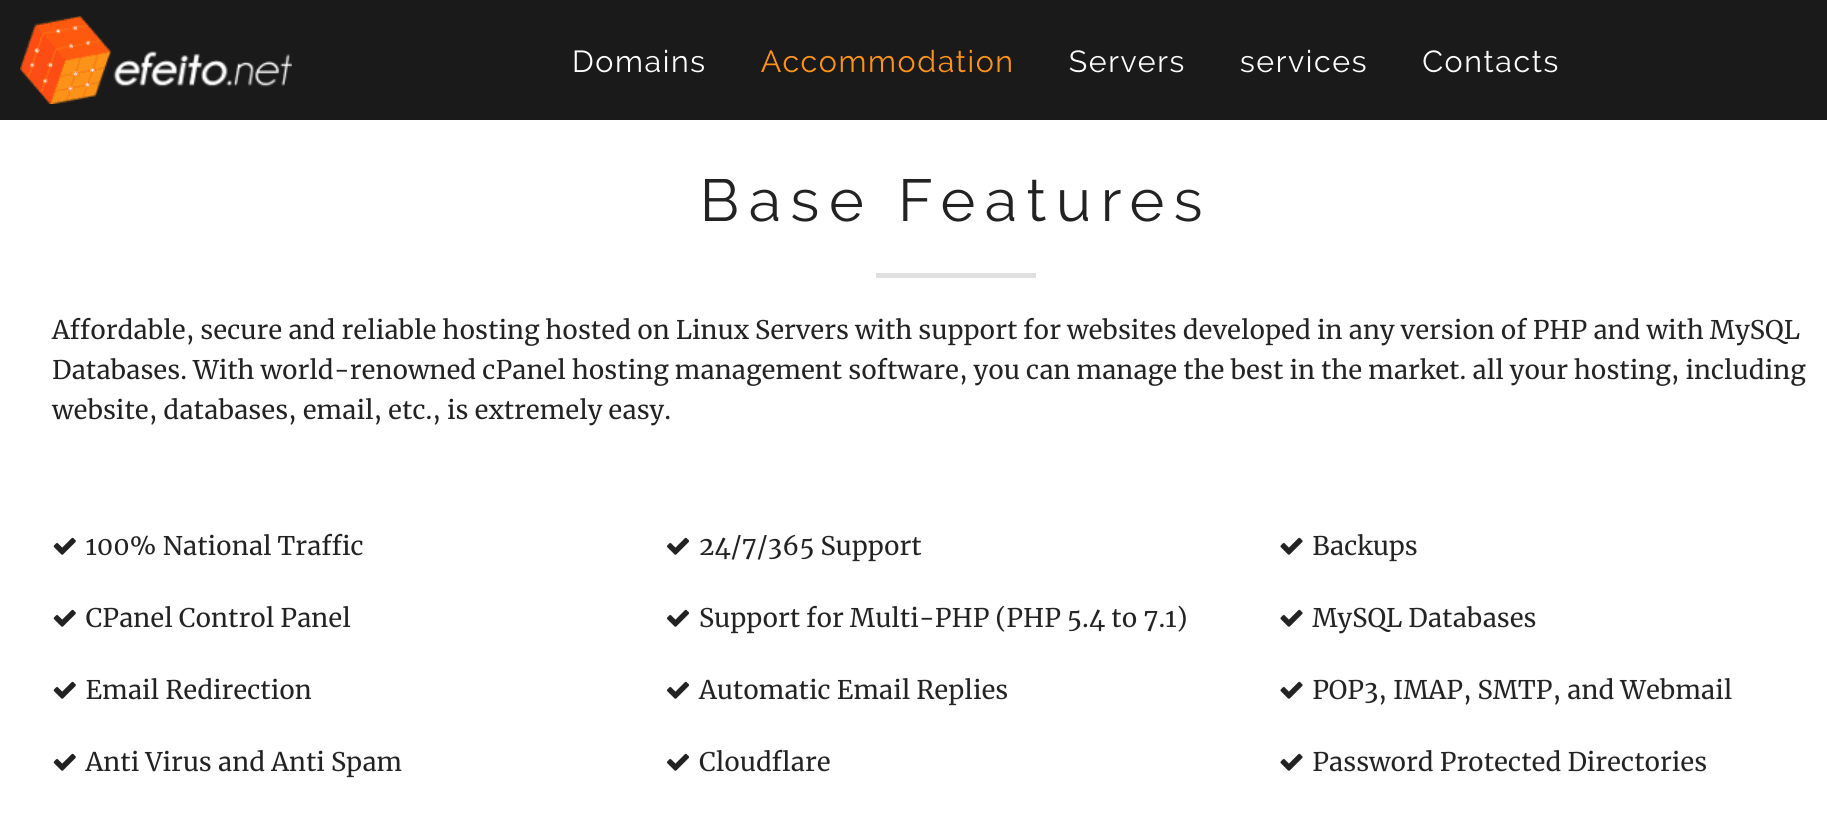 Efeito.net